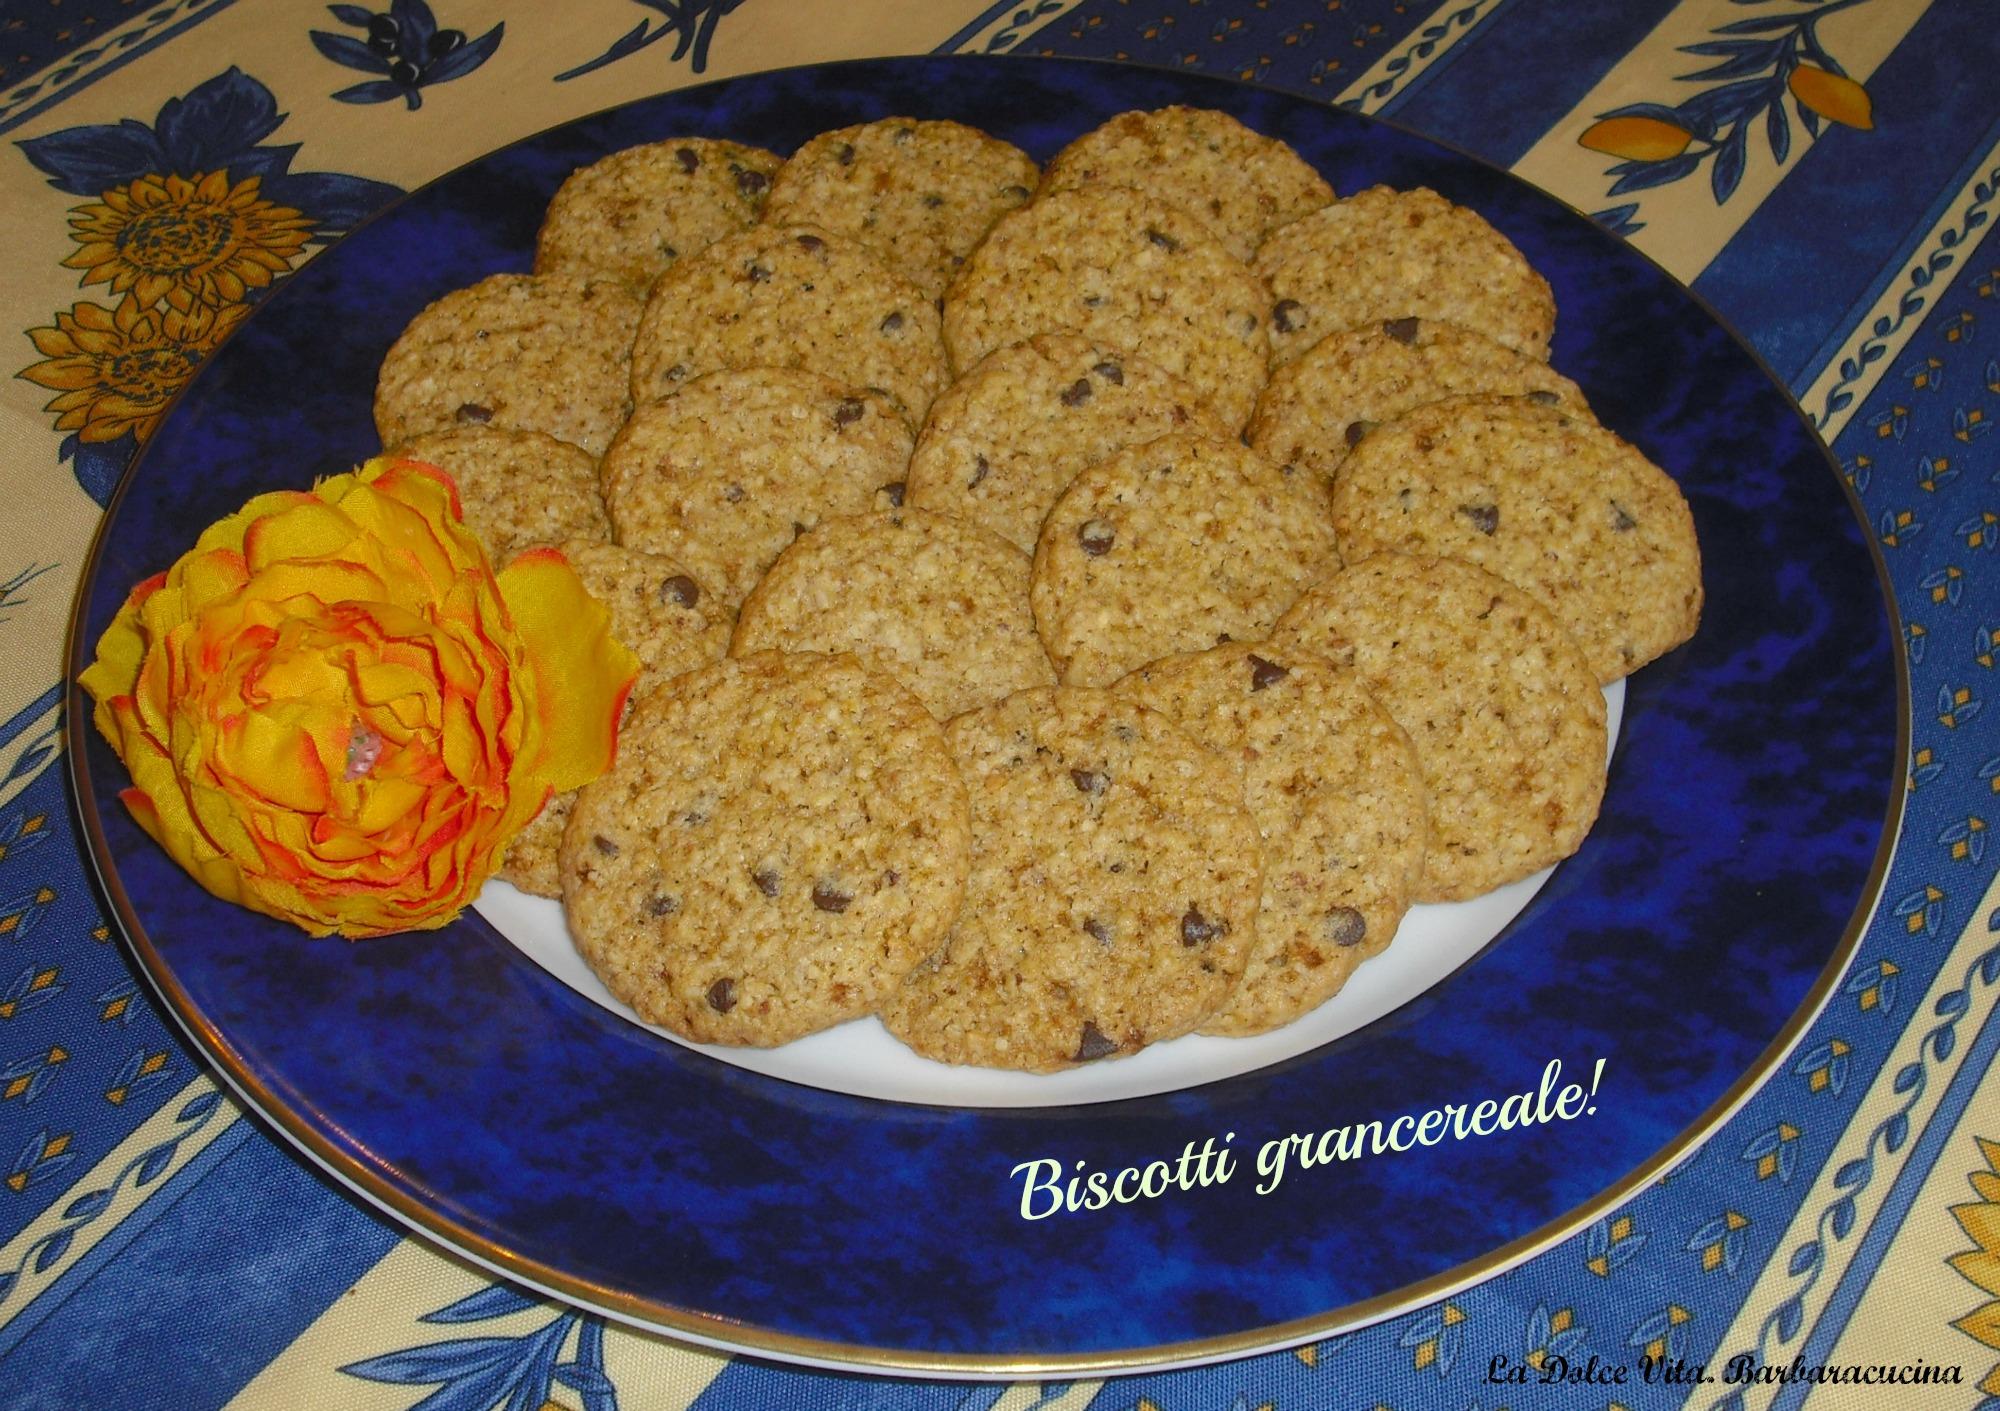 biscotti grancereale 5